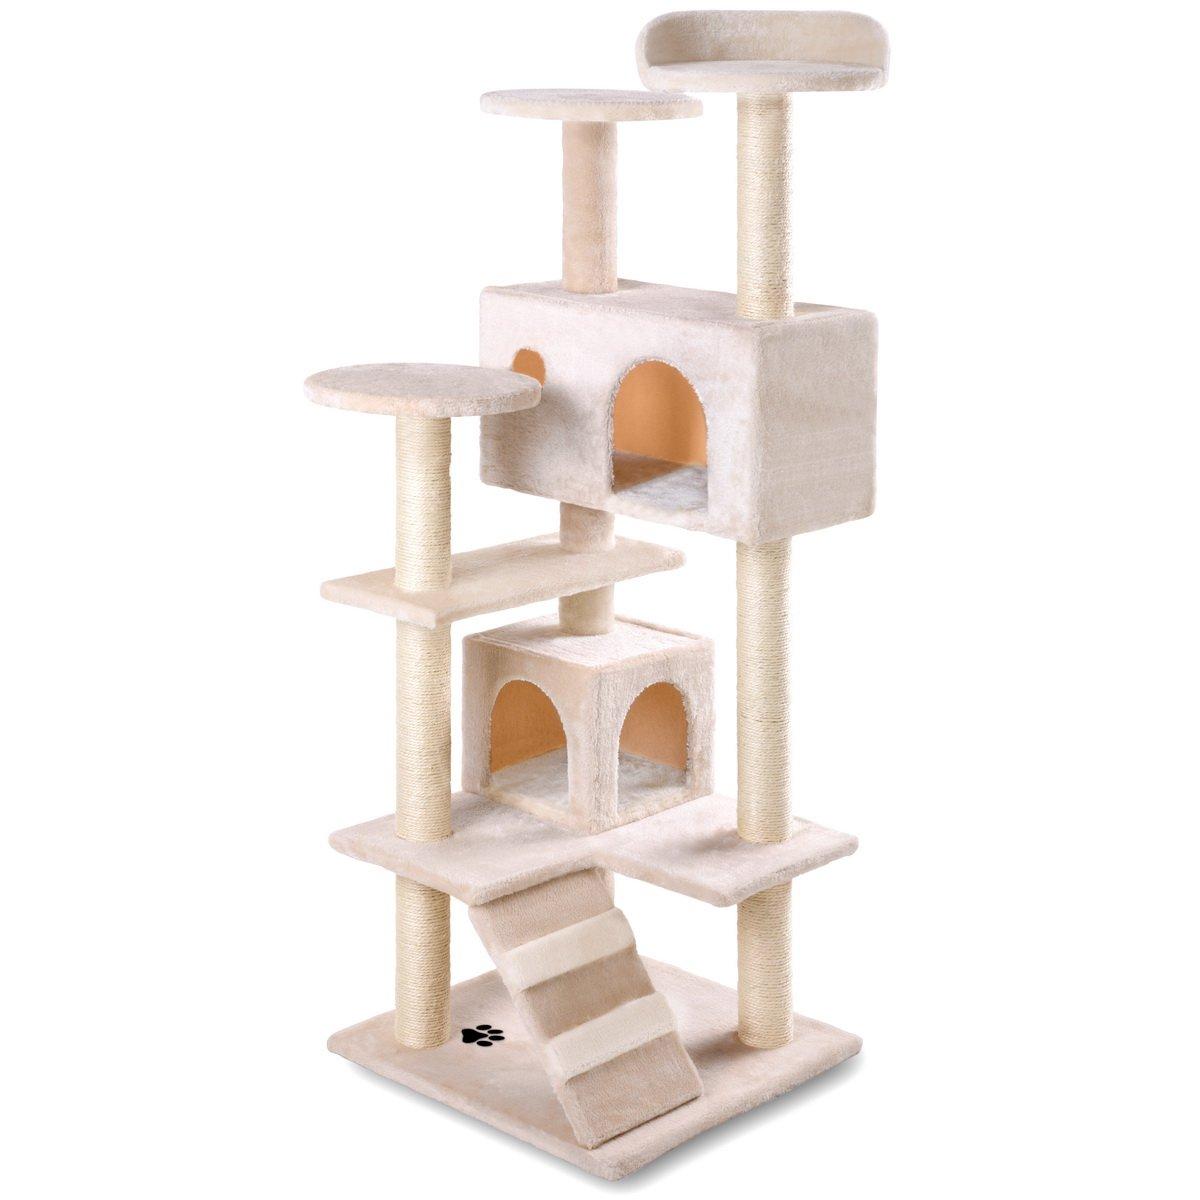 McHaus MAA1300B Árbol Rascador para Gatos con Nido Hamaca Plataforma 130cm de Altura: Amazon.es: Productos para mascotas